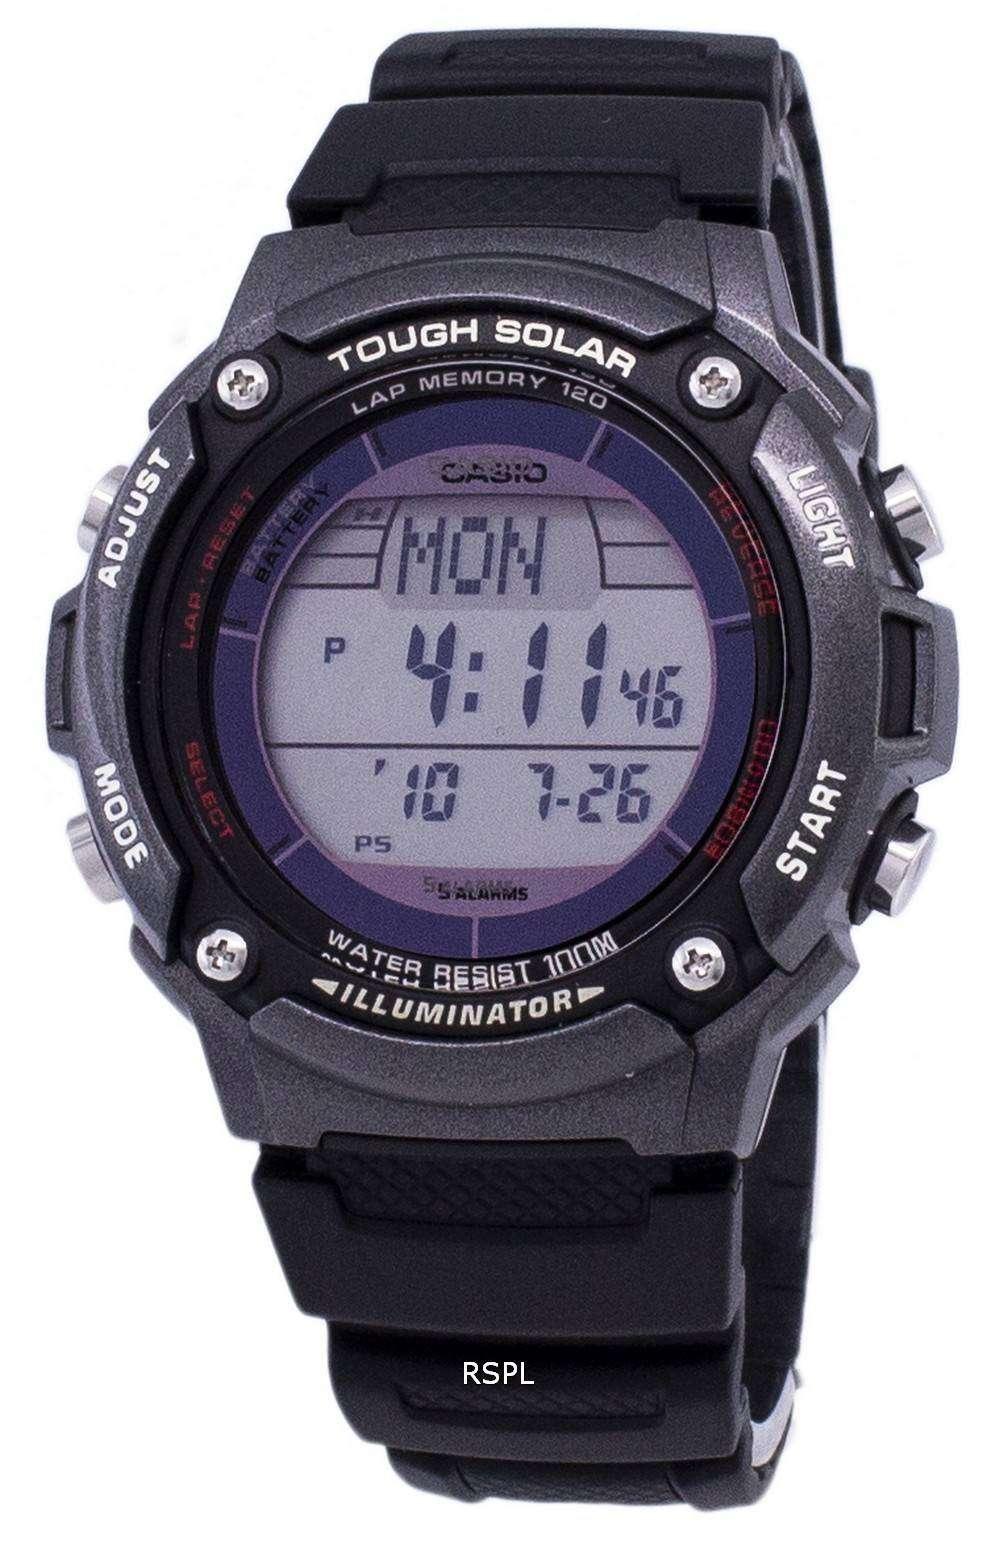 Casio Digital Tough Solar 5 Alarms Illuminator W S200h